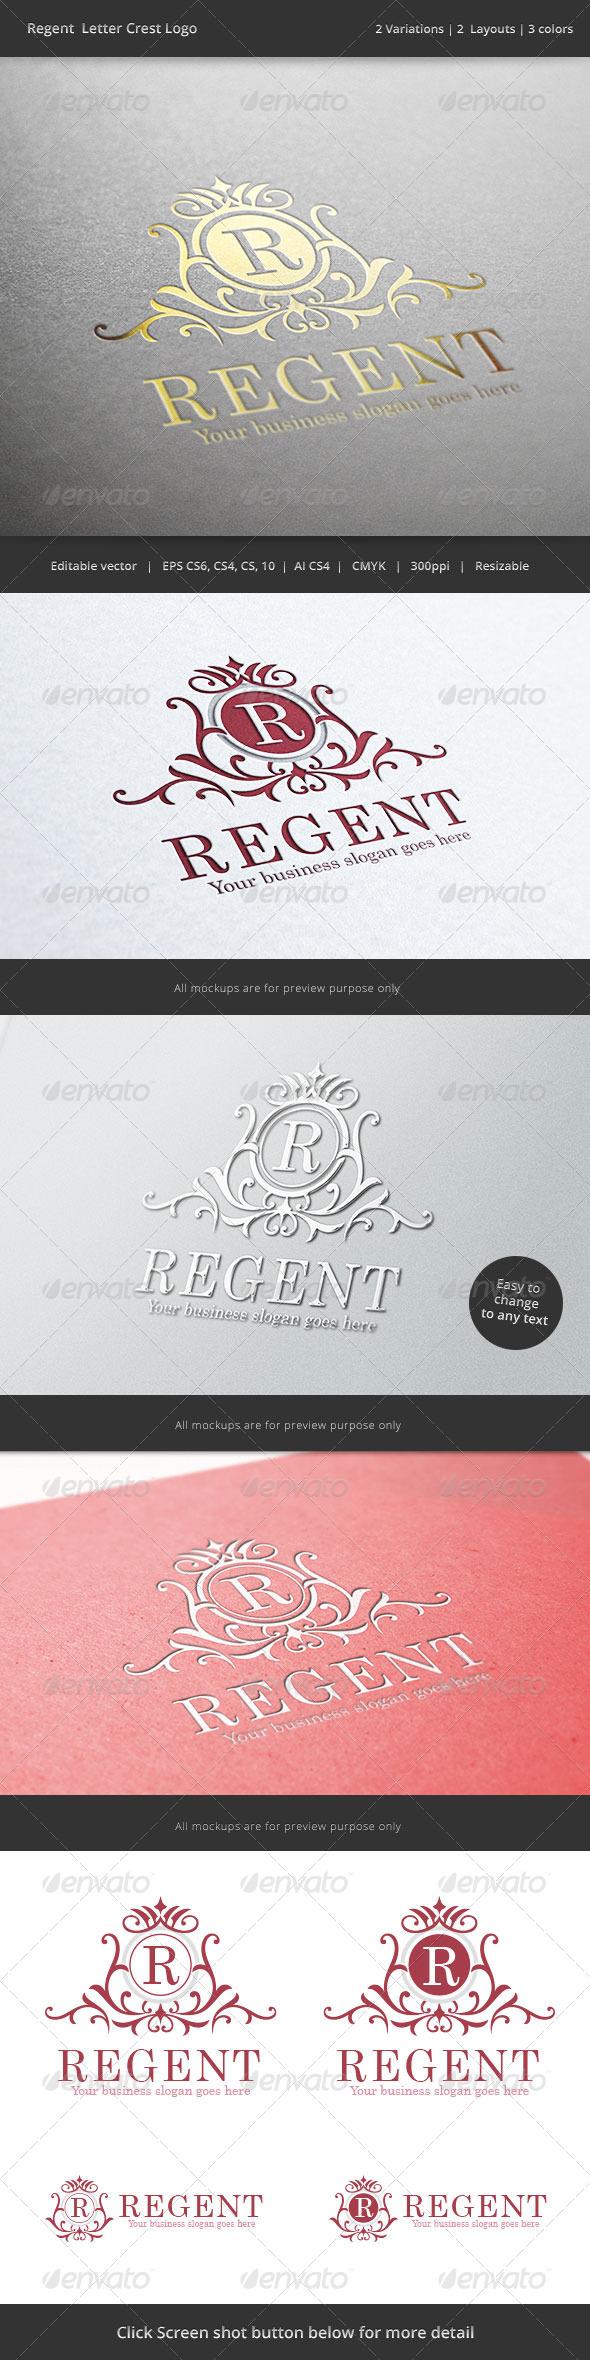 GraphicRiver Regent Letter Crest Logo 6944699